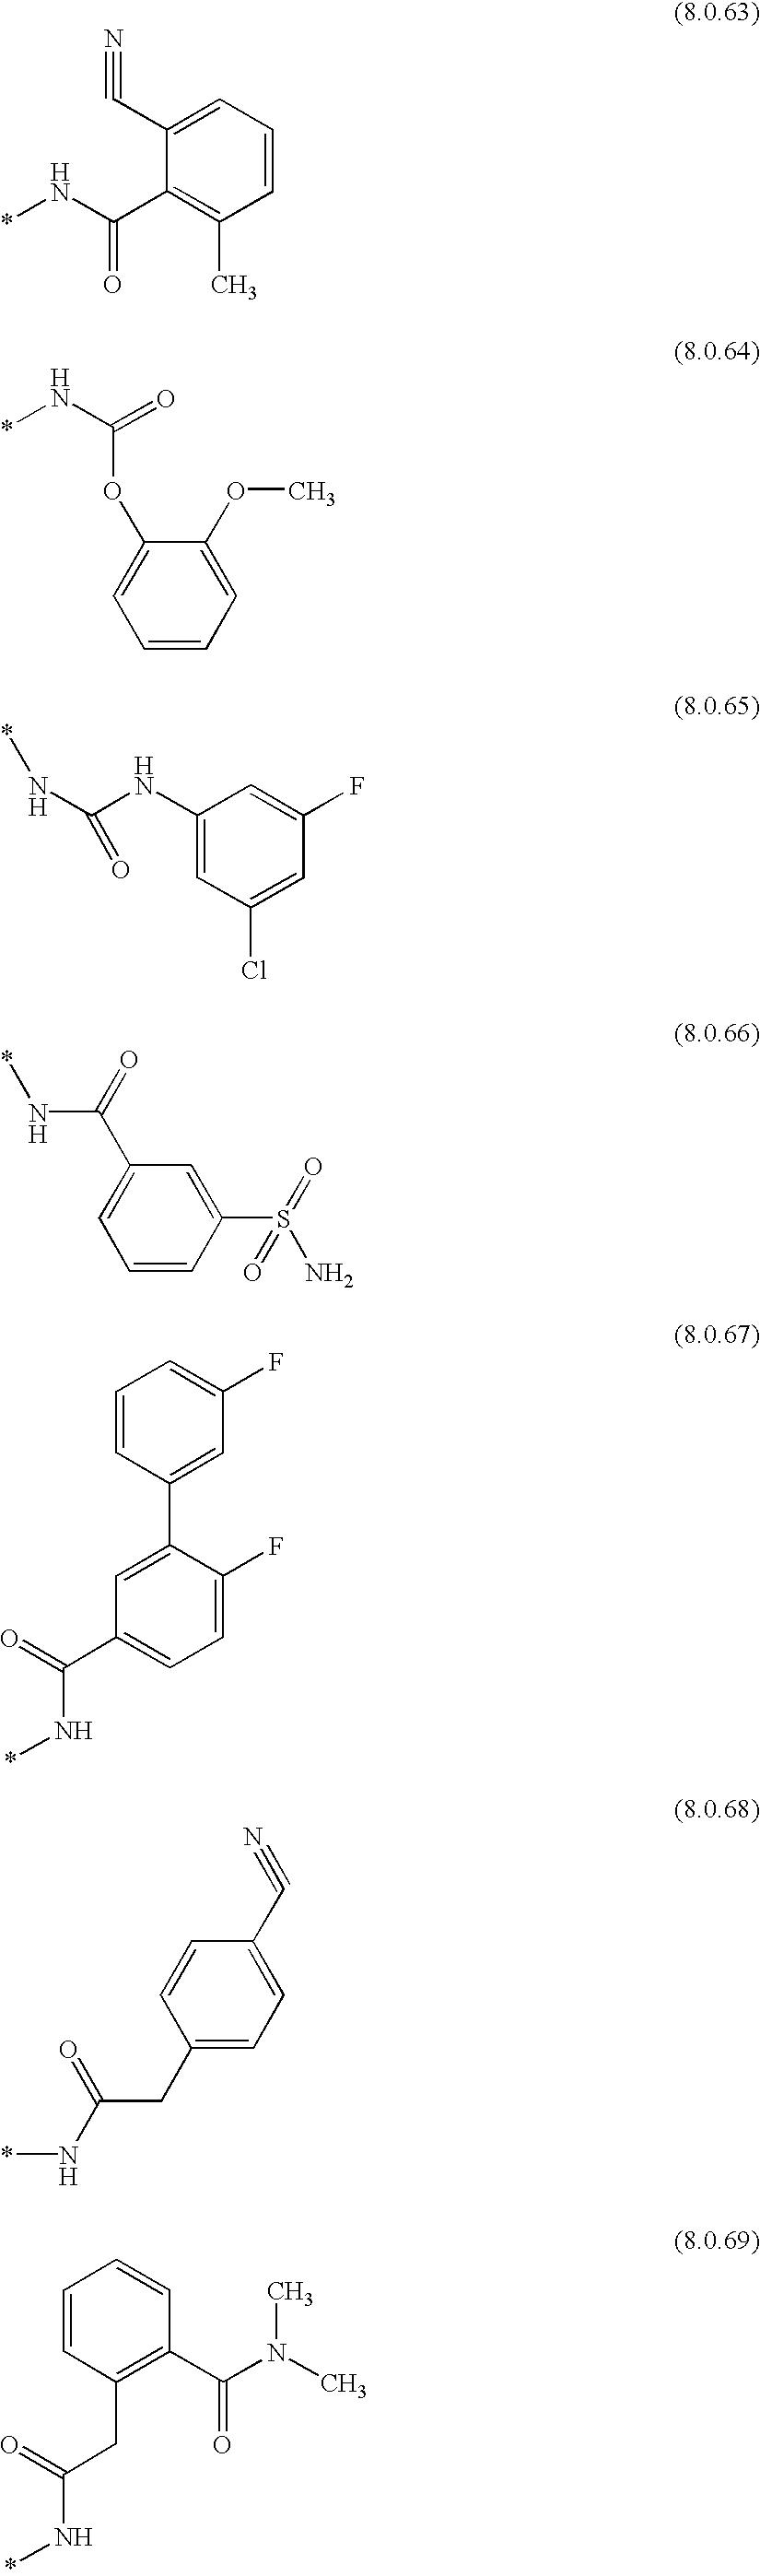 Figure US20030186974A1-20031002-C00211